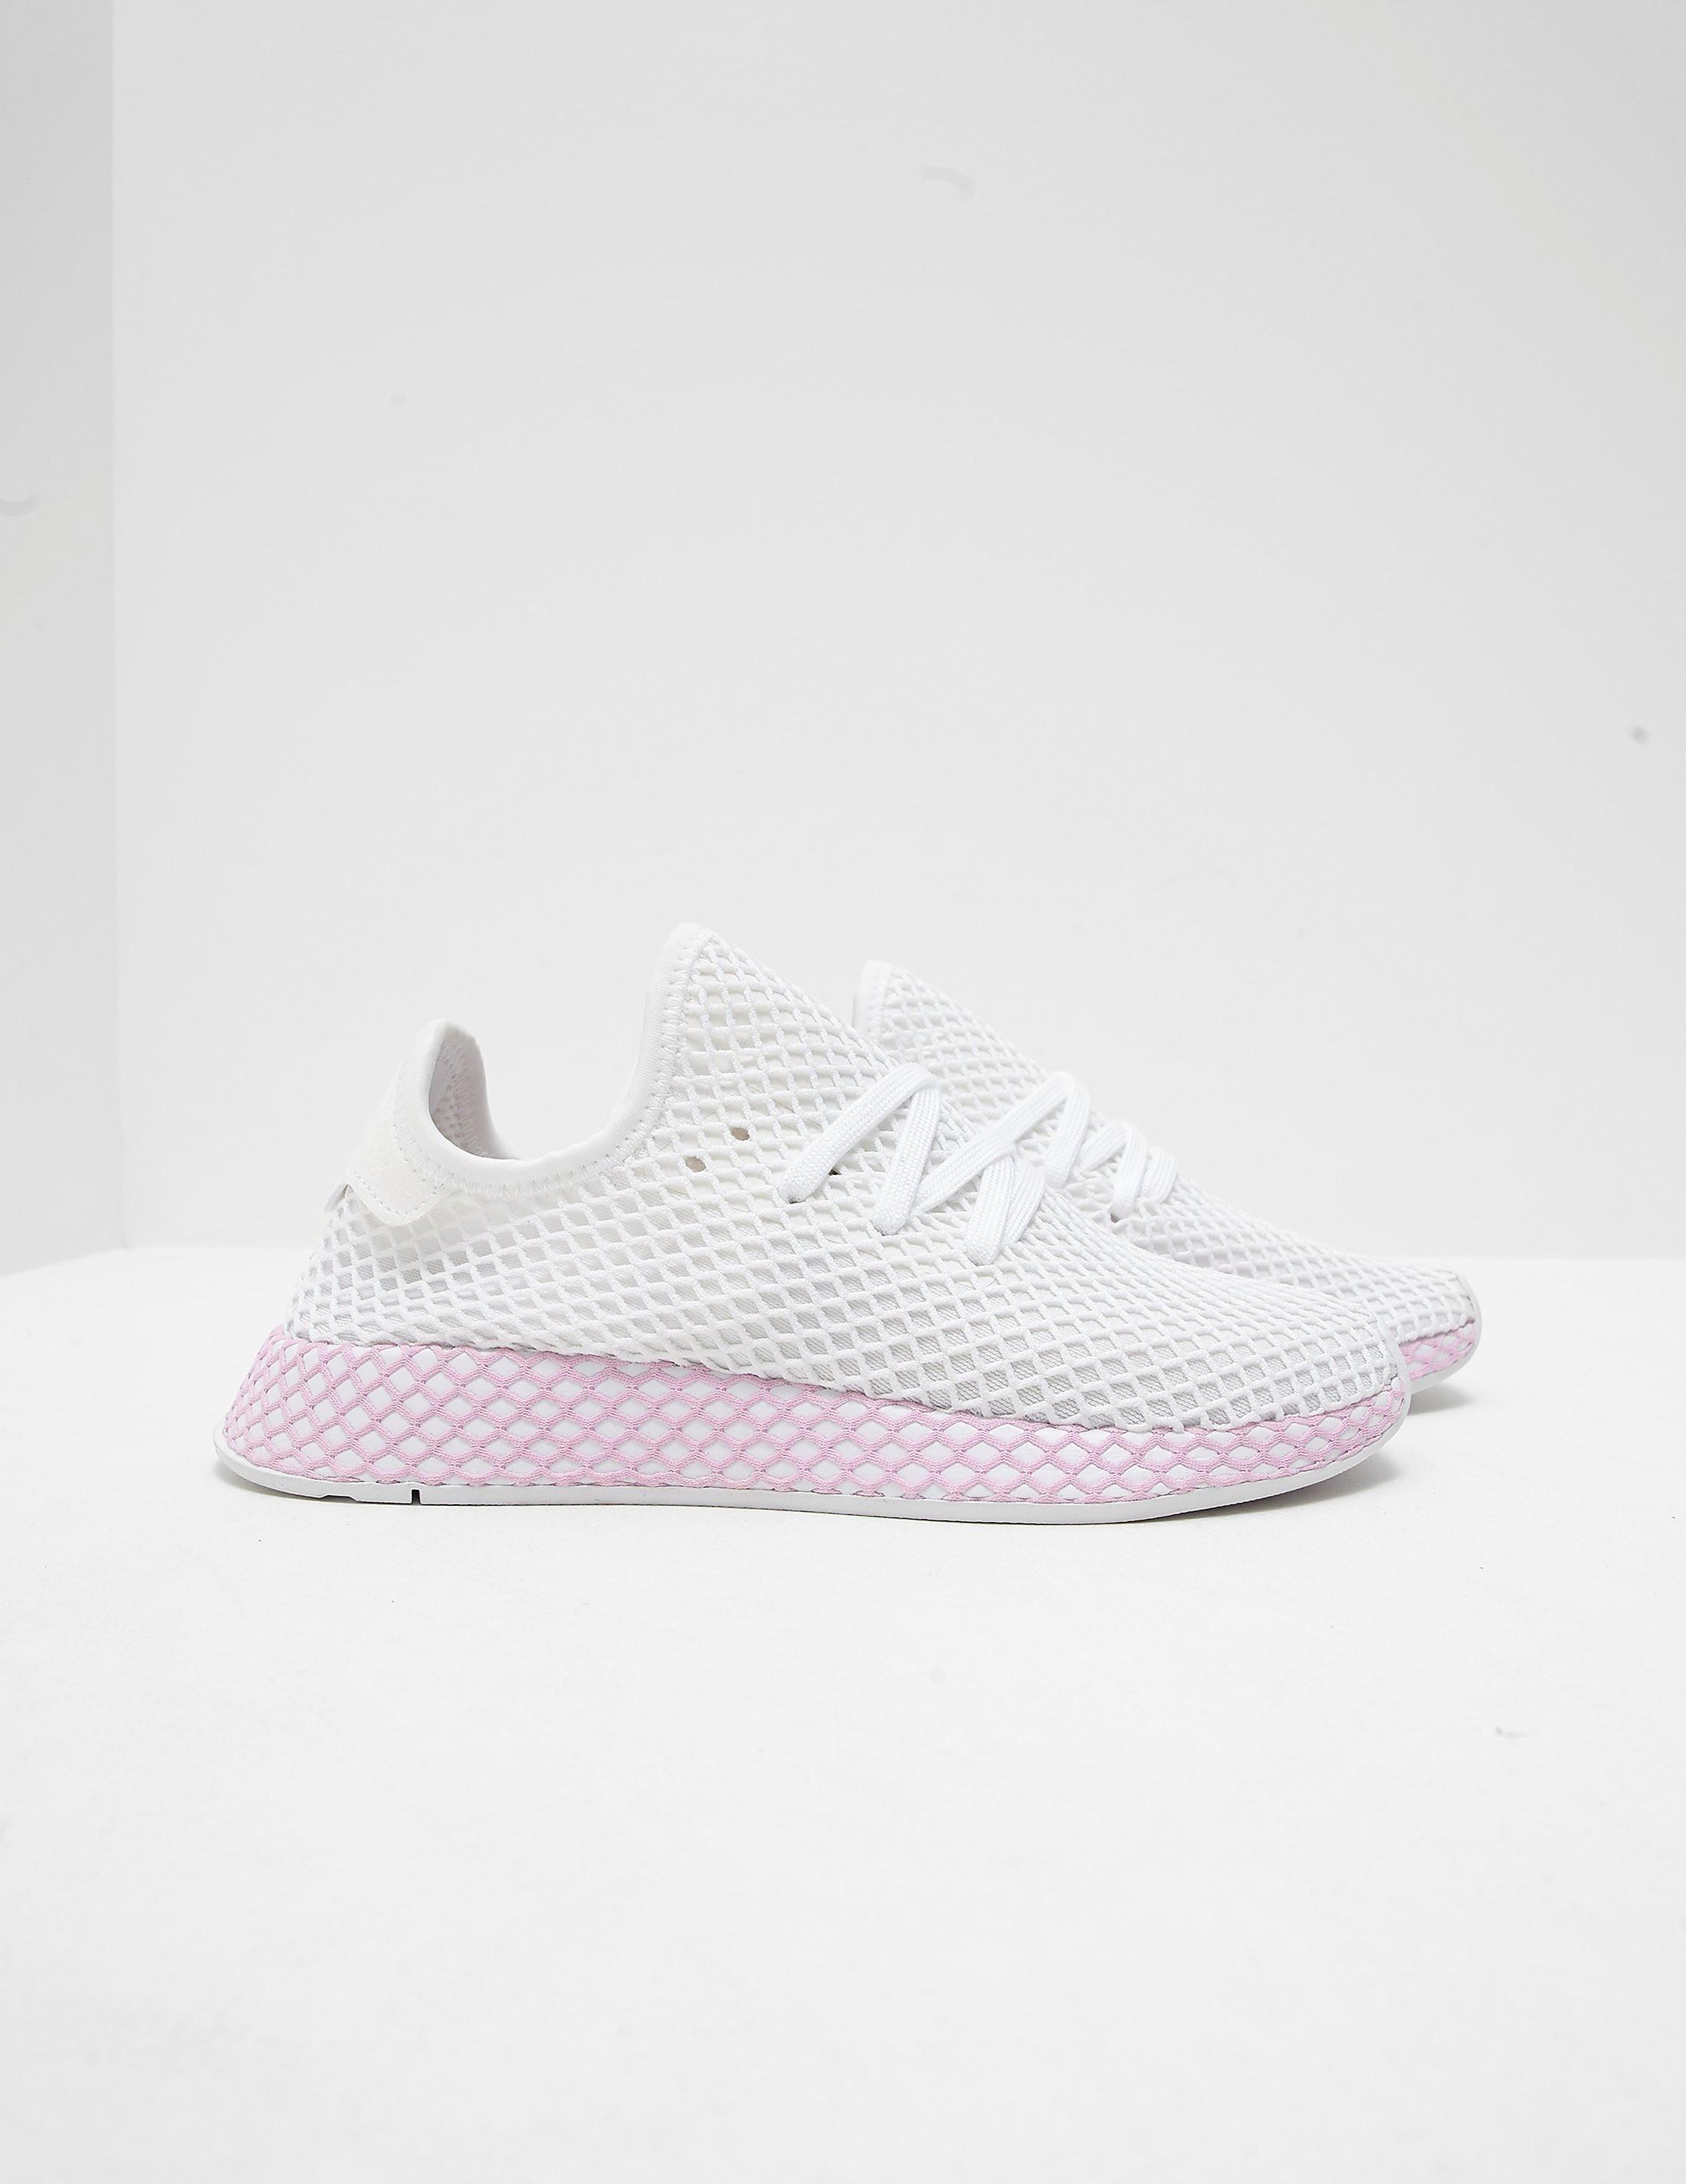 9b83eaa3d7844 Womens adidas Originals Deerupt Women s White